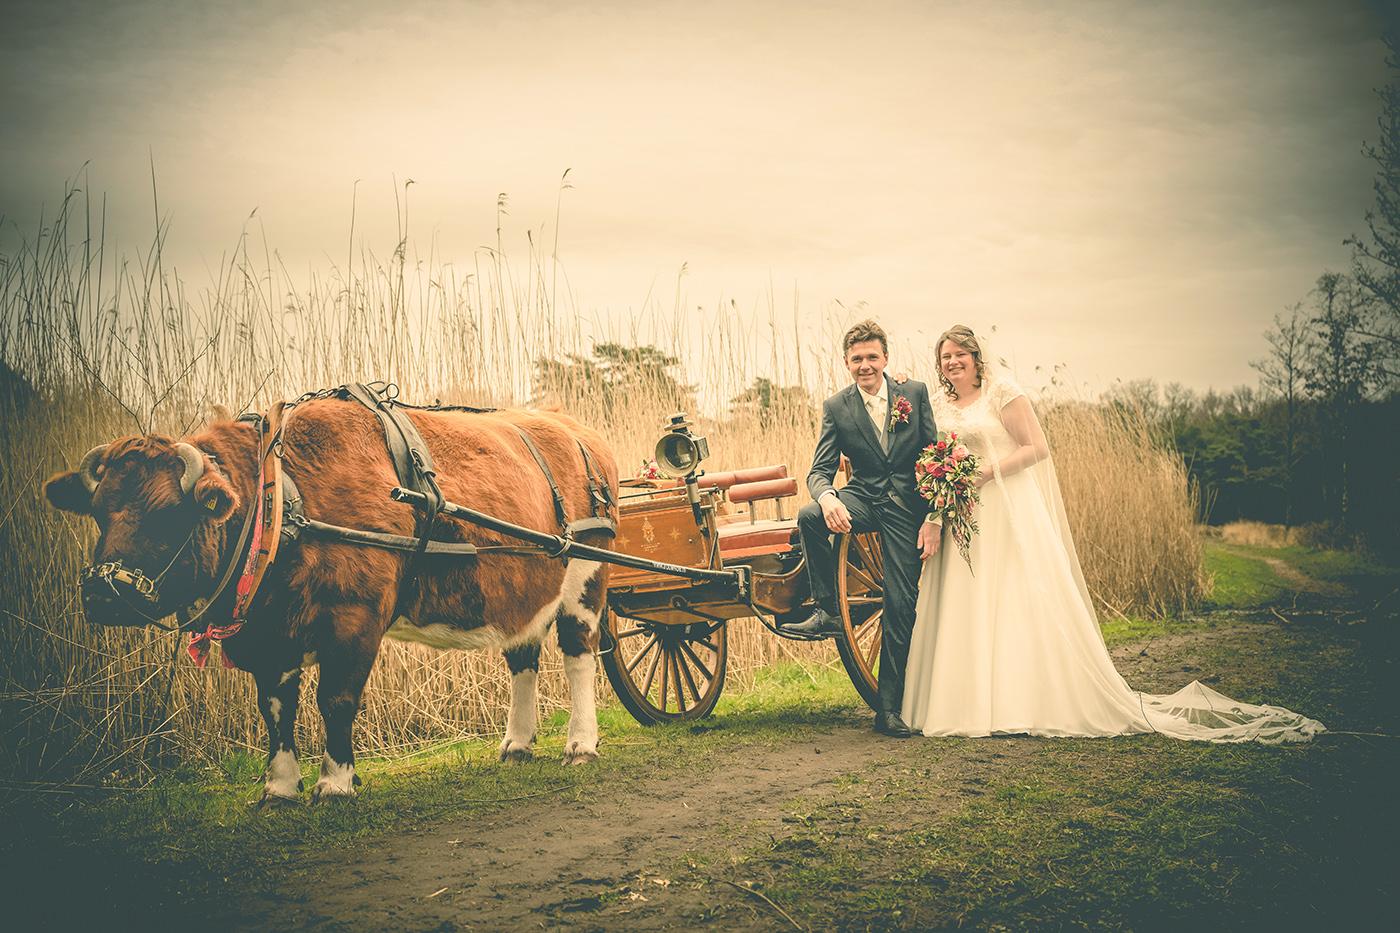 bruidsfotografie Wouter van Middendorp Uddel omgeving Hoevelaken, Barneveld, Nijkerk